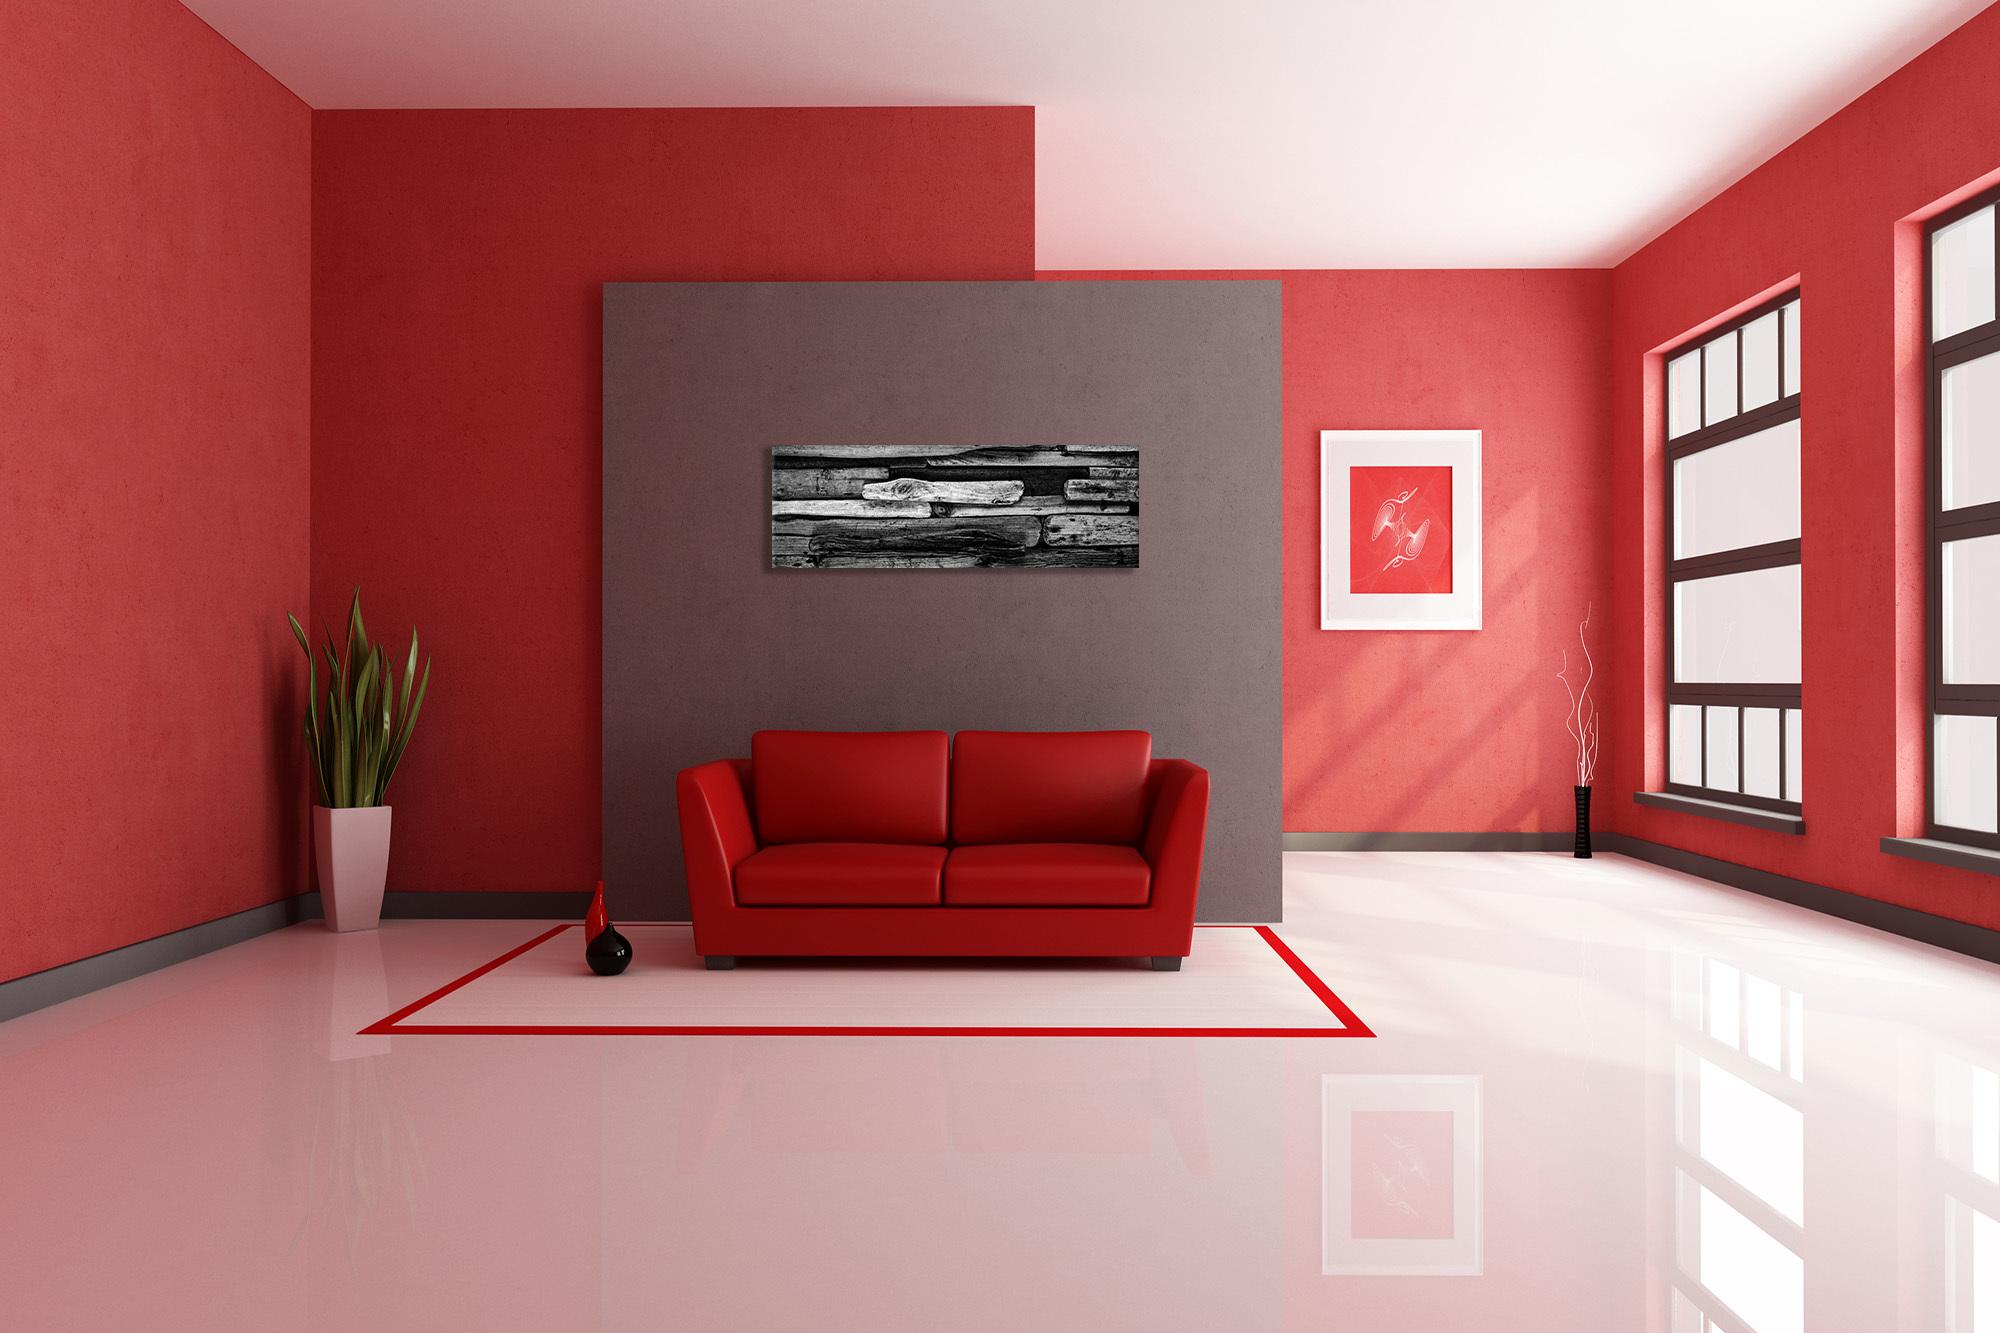 Картинка: Комната, диван, красный, светлая, стены, окна, цветок